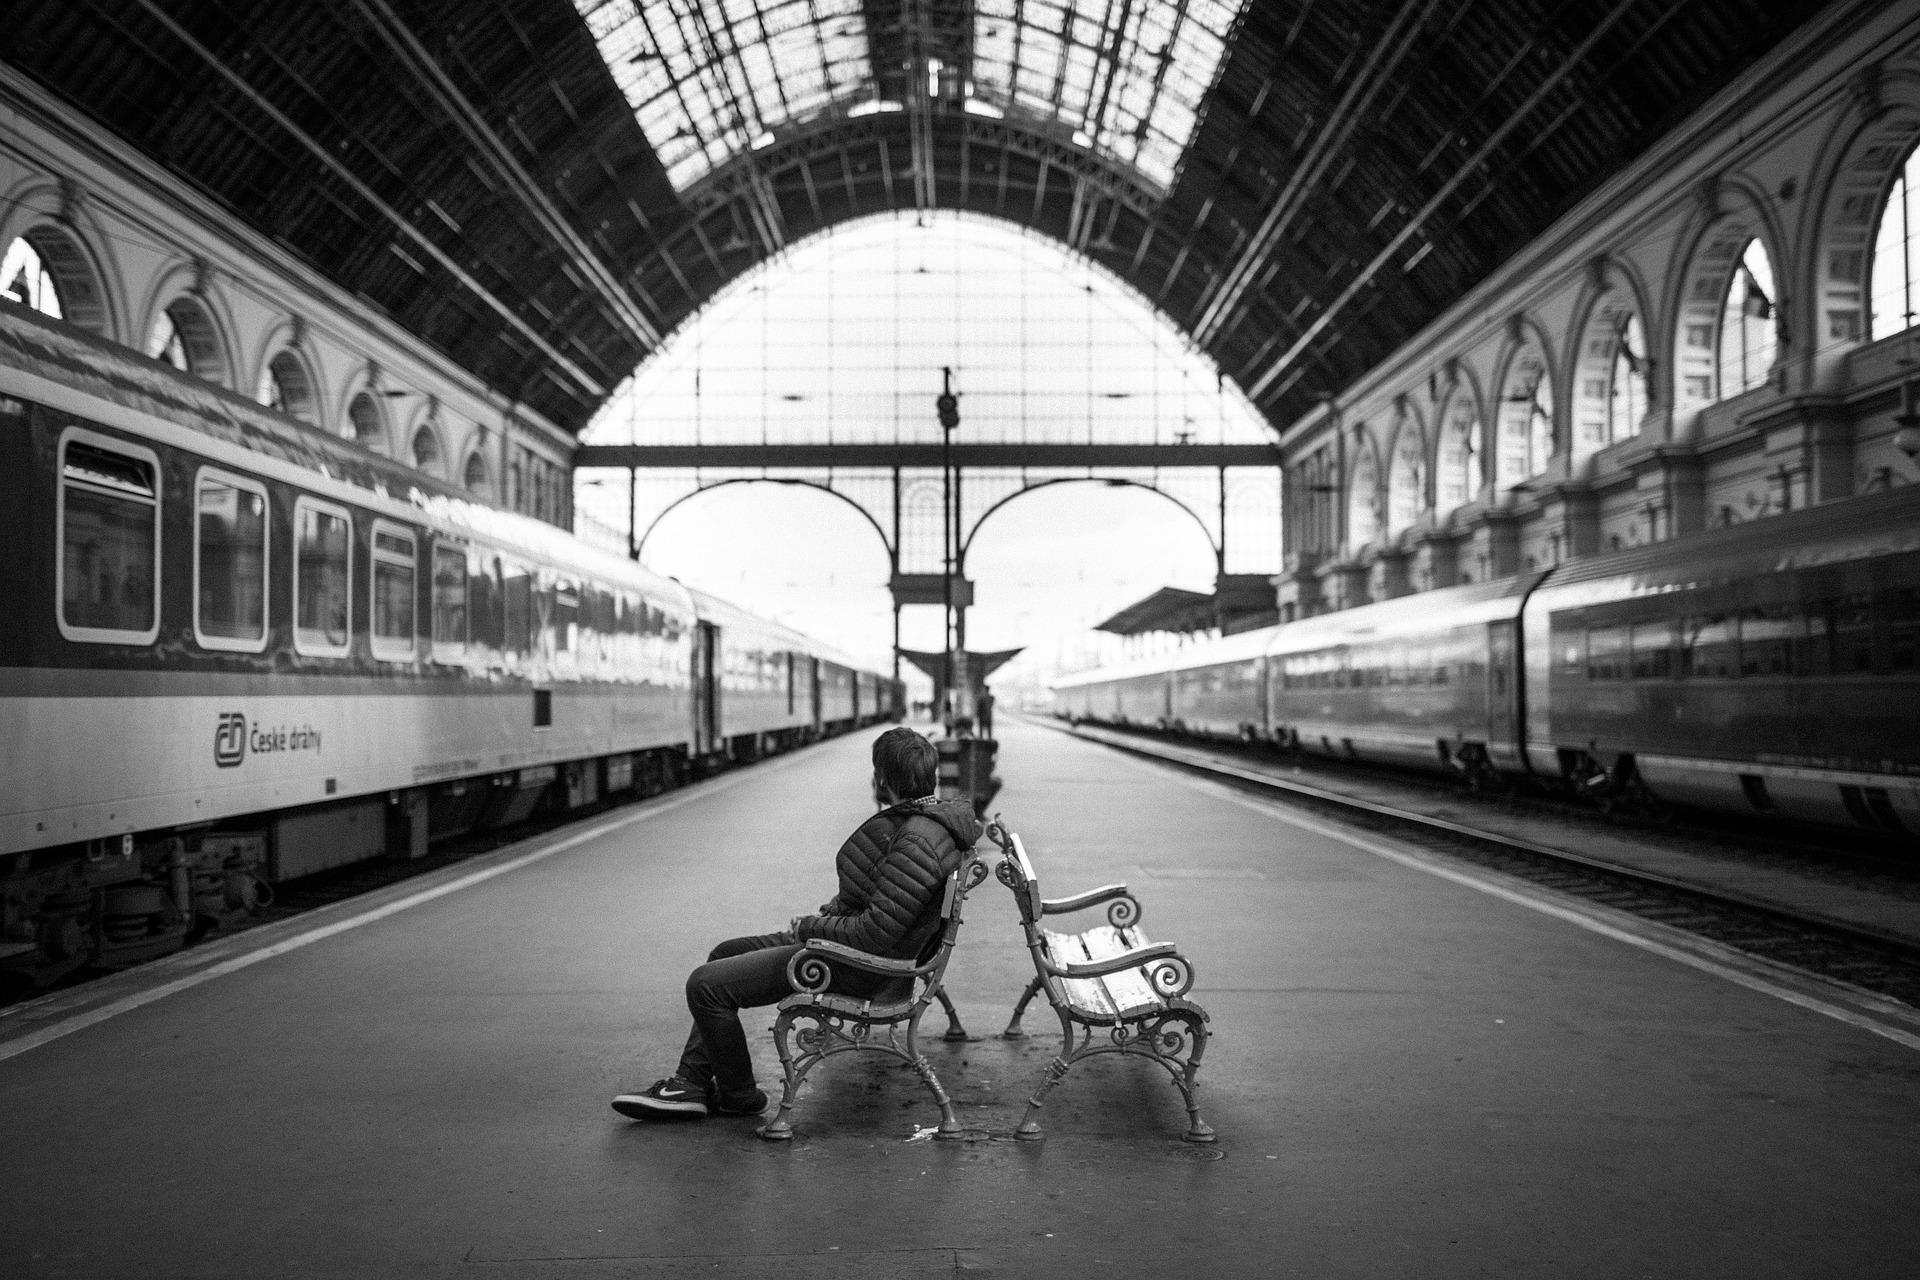 LGT Train grande vitesse Bordeaux Toulouse en 2030 si tout va bien